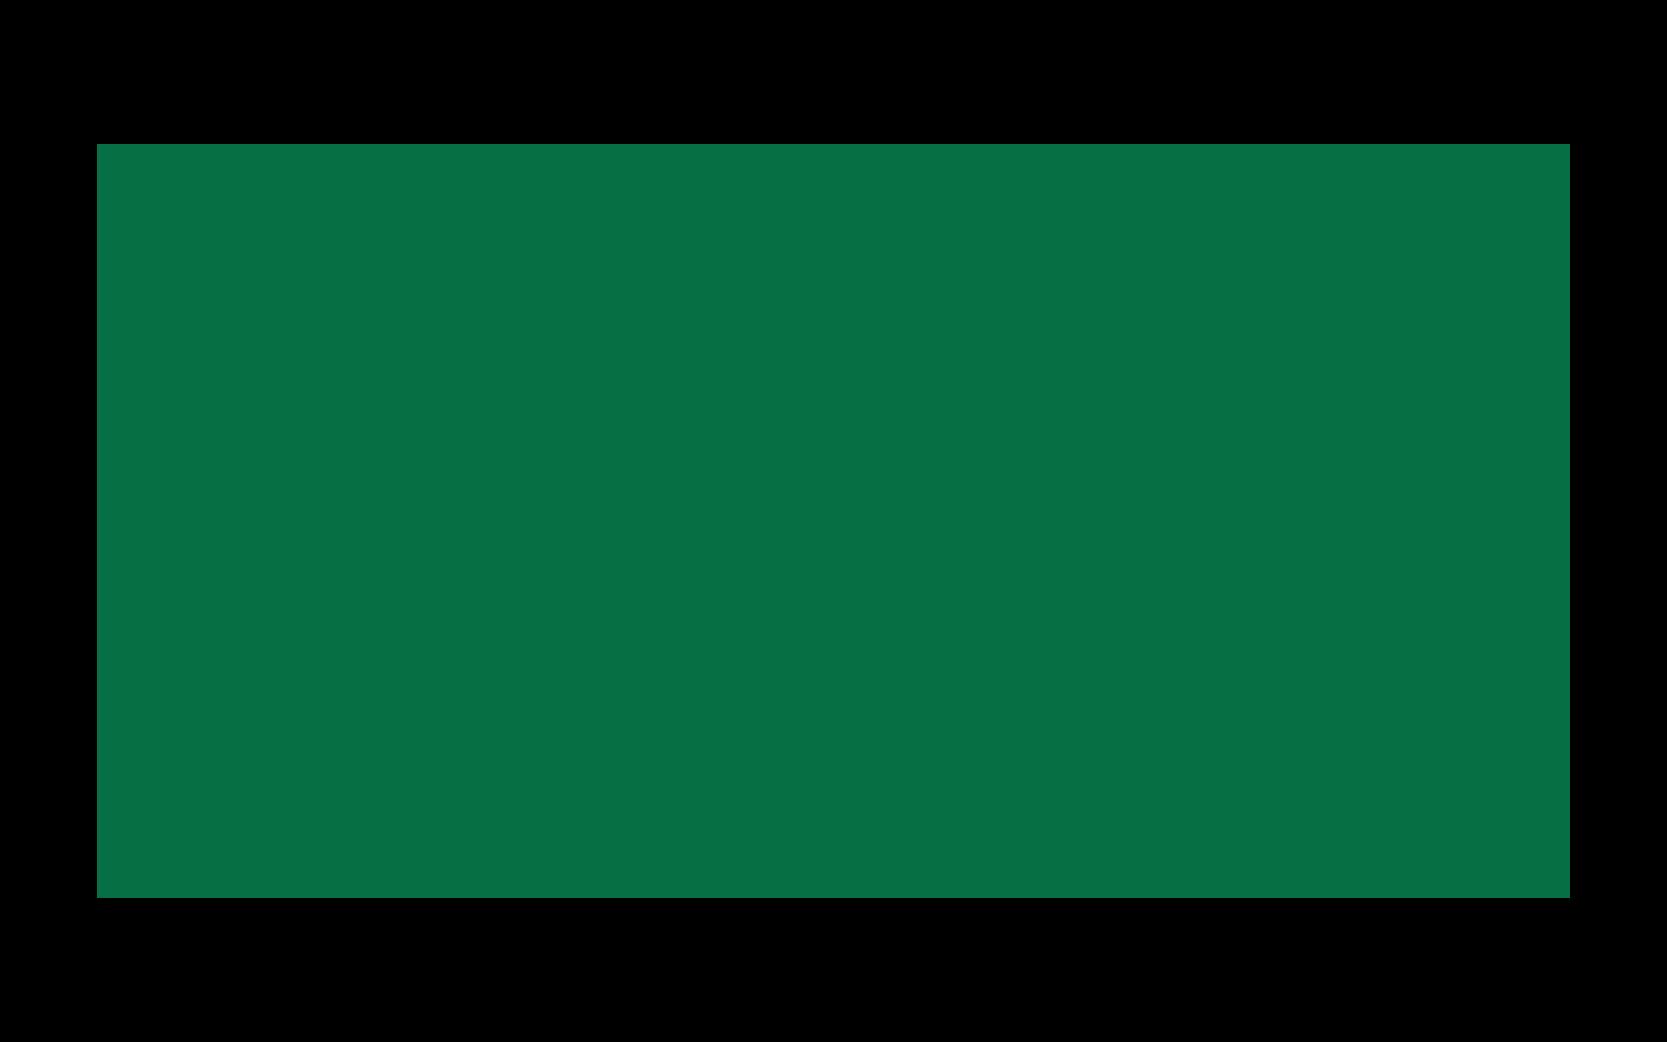 JAK Medlemsbanks logotyp